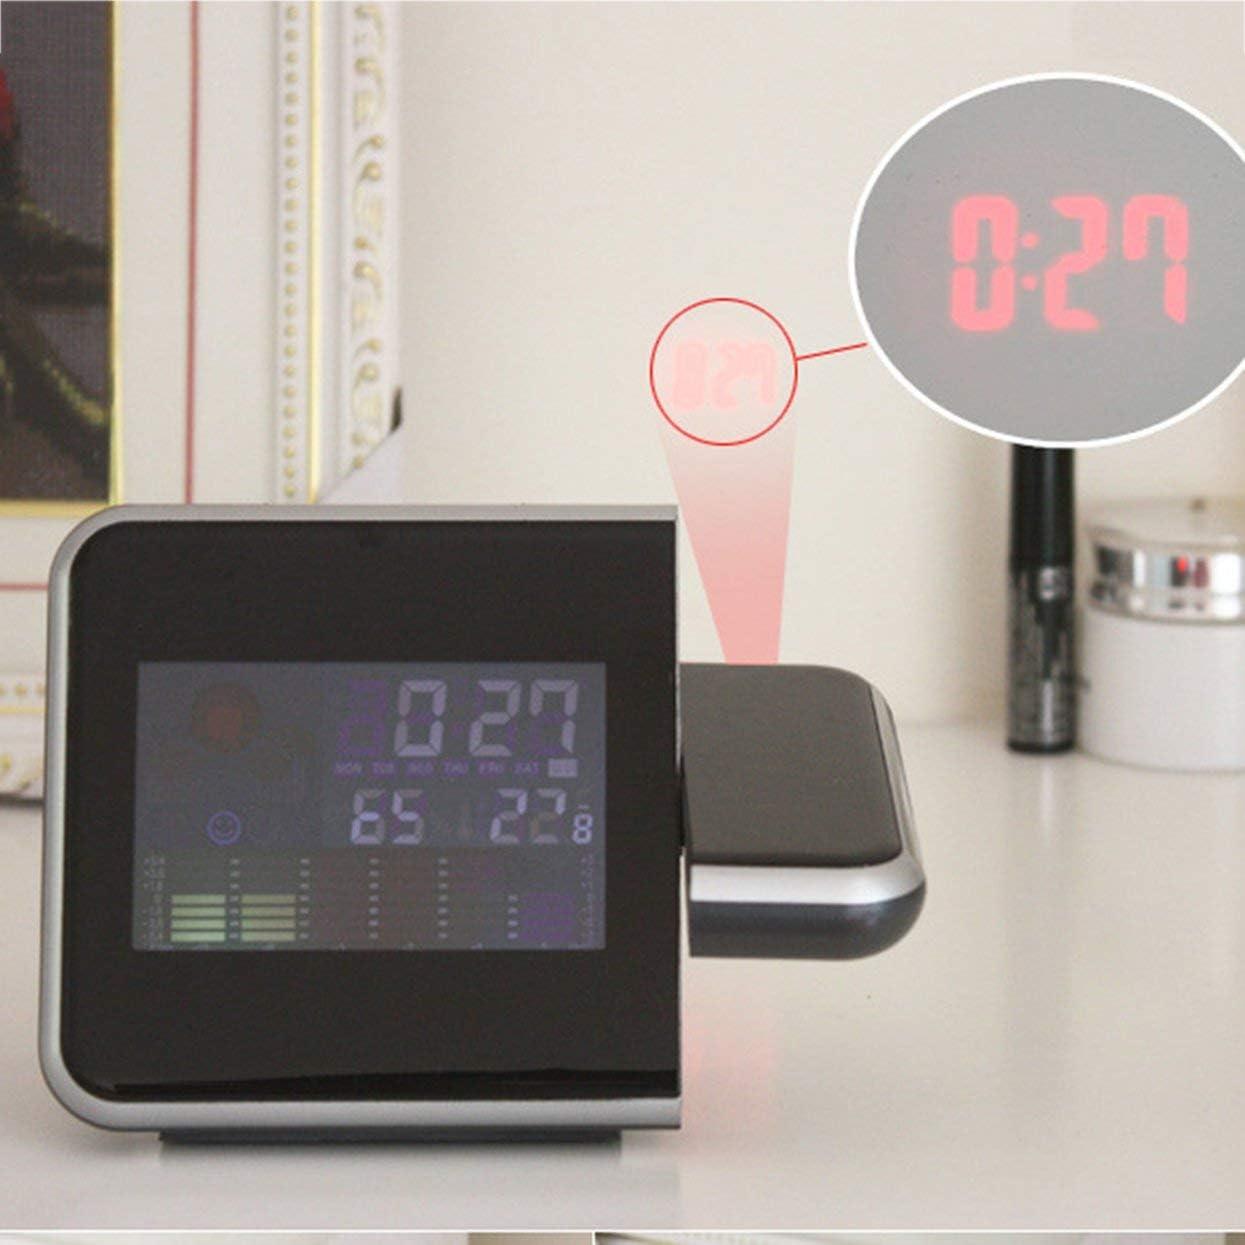 Noir LoveOlvido /Électronique num/érique Pr/évisions m/ét/éo Horloge LCD /Écran R/éveil Calendrier Projecteur R/étro/éclairage LED Maison De Chevet D/écor